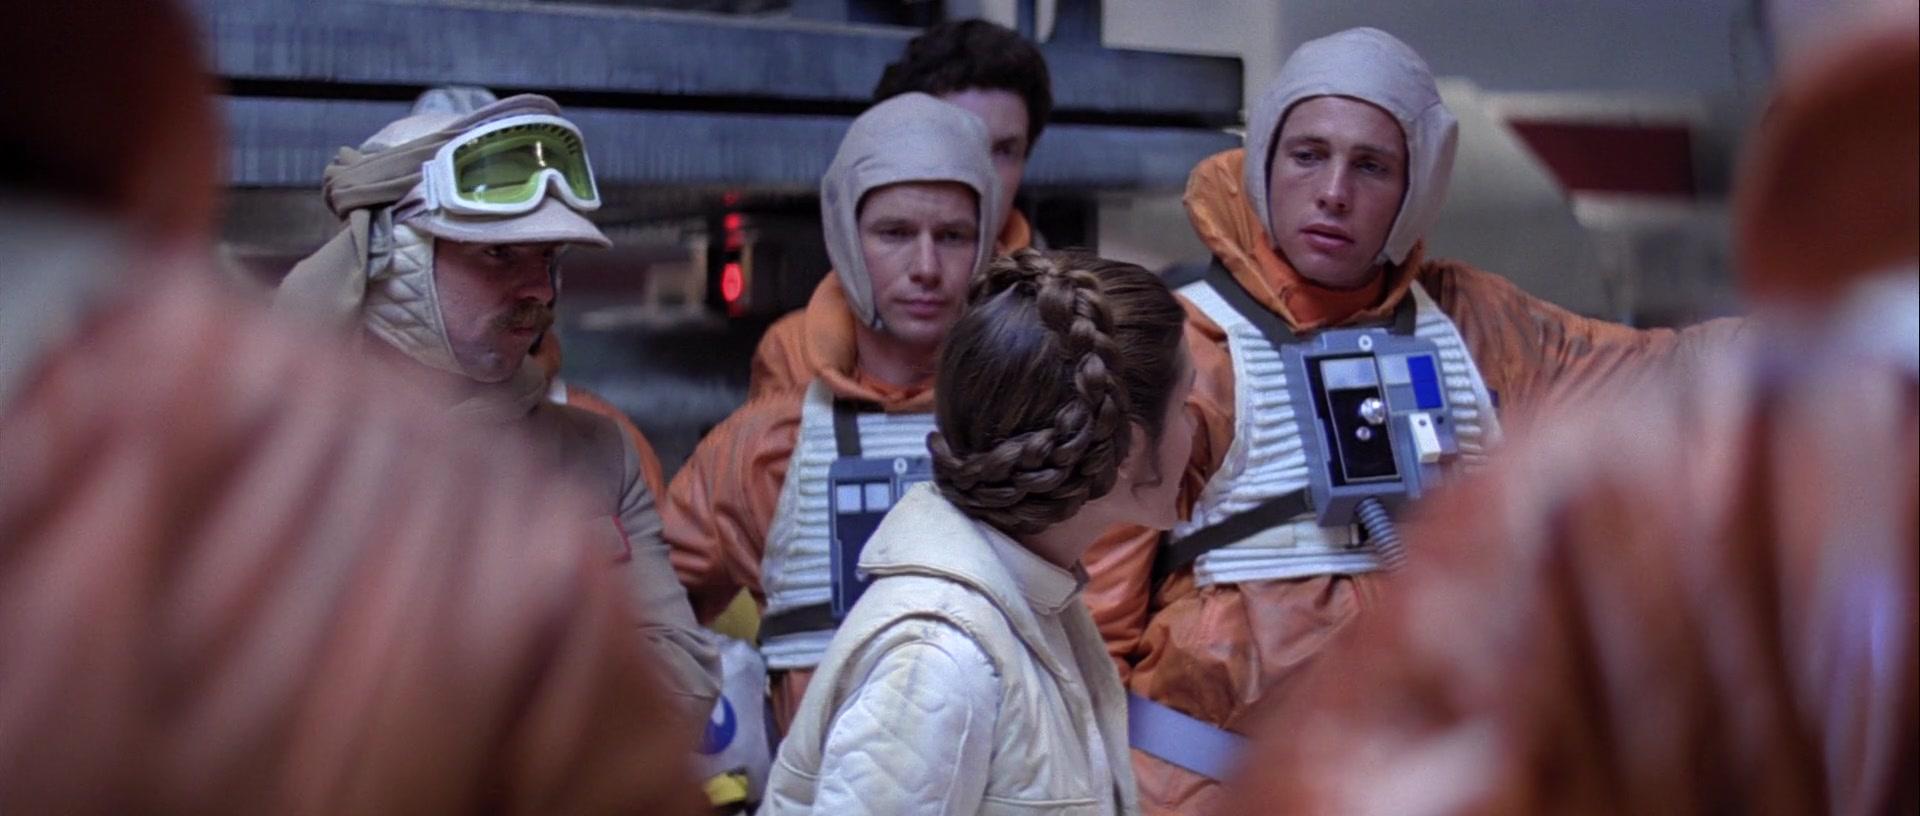 star wars the empire strikes back battle of hoth bren derlin leia organa derek hobbie klivian